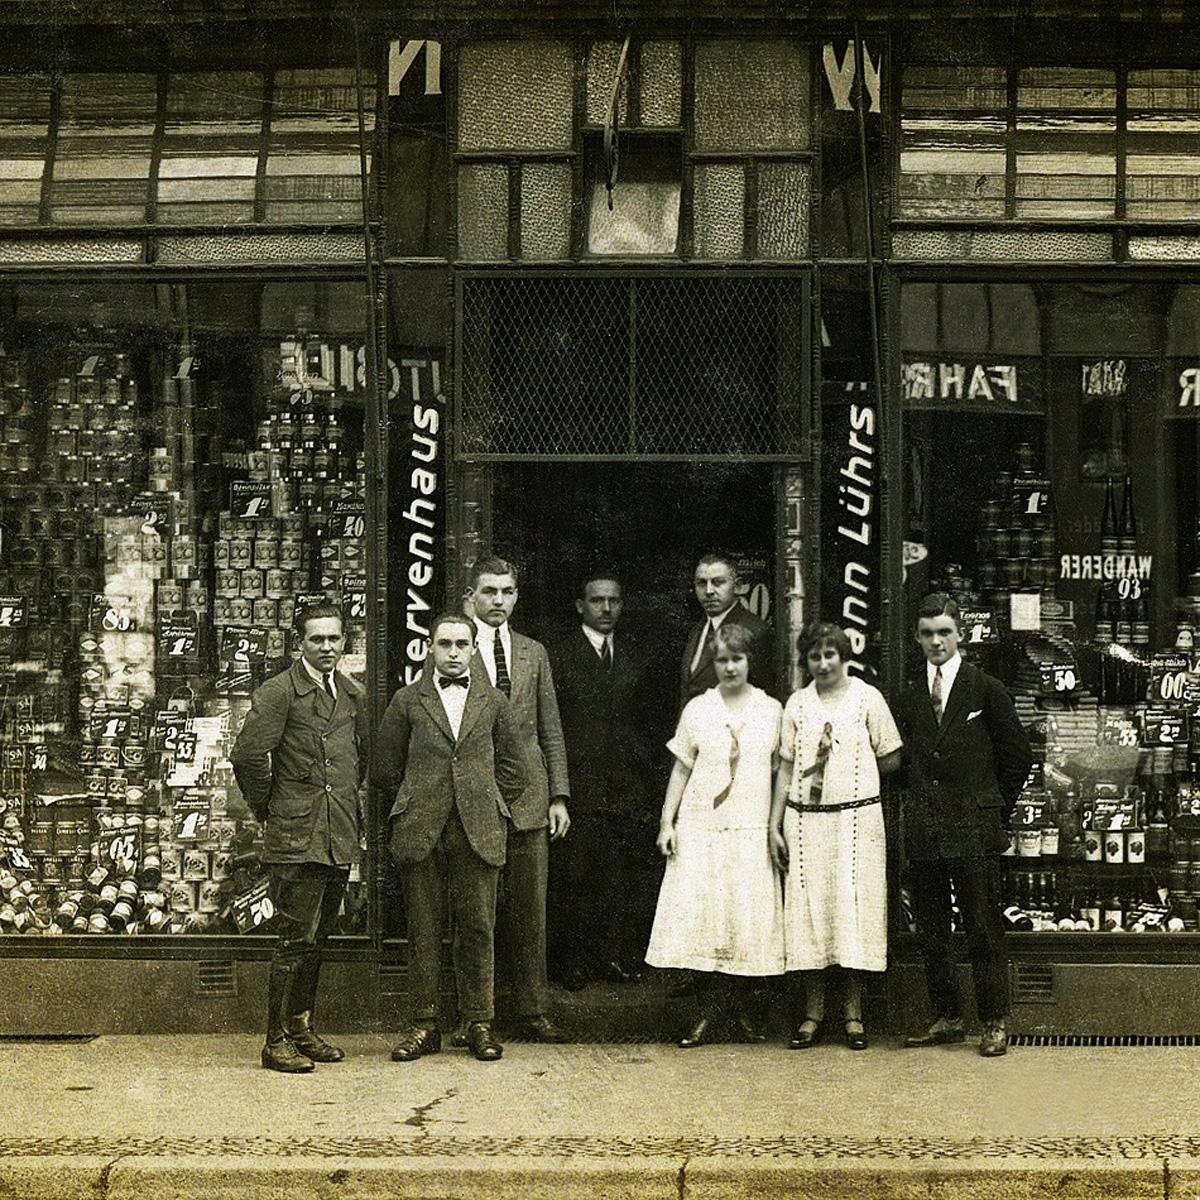 Магазин Консервный дом Германна Люрса и его сотрудники. 1920